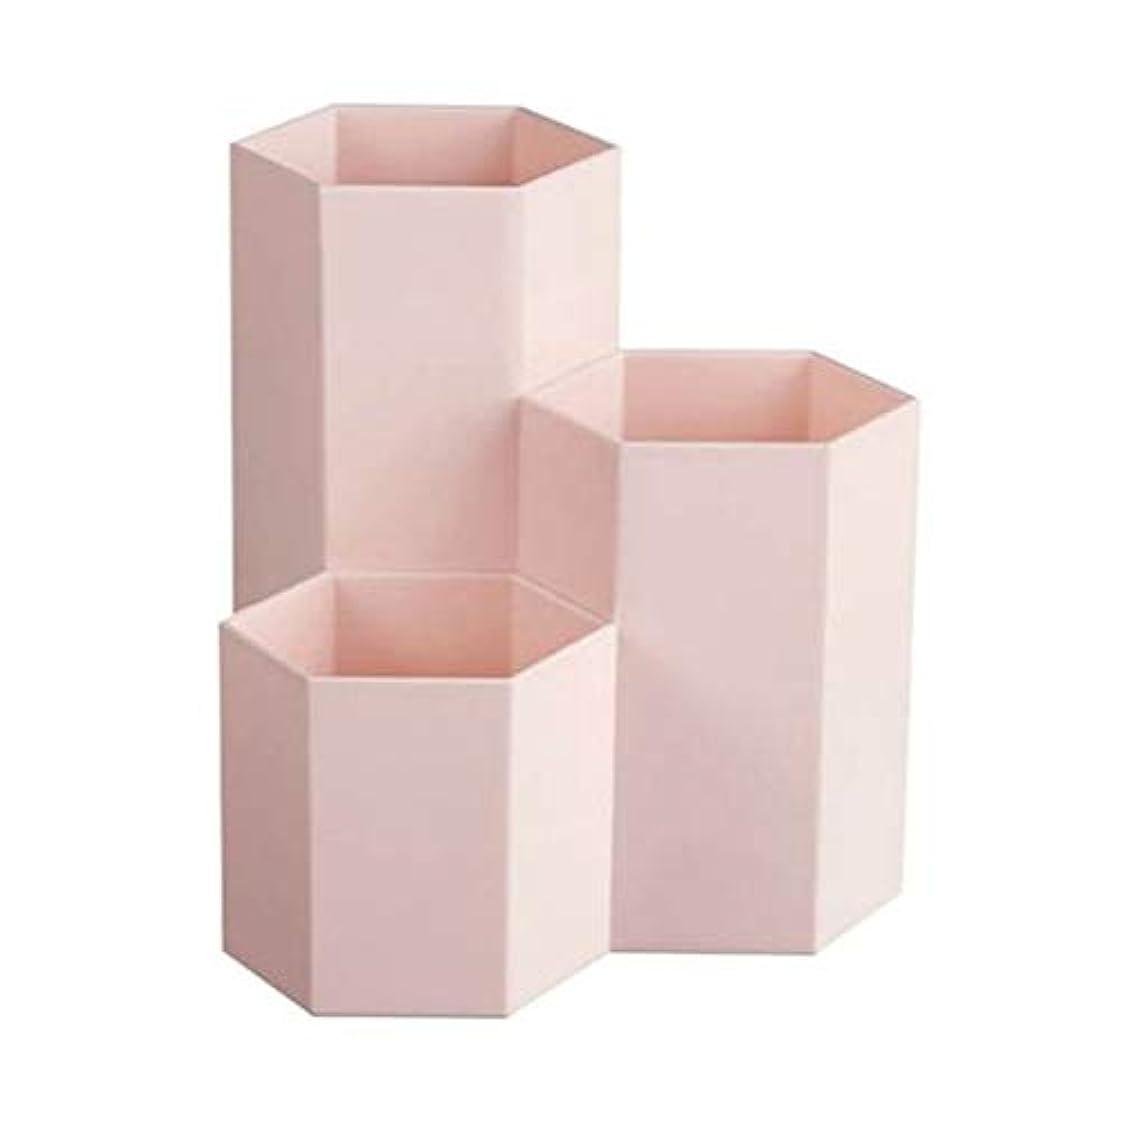 呪われた結果猛烈なTerGOOSE 卓上収納ケース メイクブラシケース メイクブラシスタンド メイクブラシ収納ボックス メイクケース ペンホルダー 卓上文房具収納ボックス ペン立て 文房具 おしゃれ 六角 3つのグリッド 大容量 ピンク